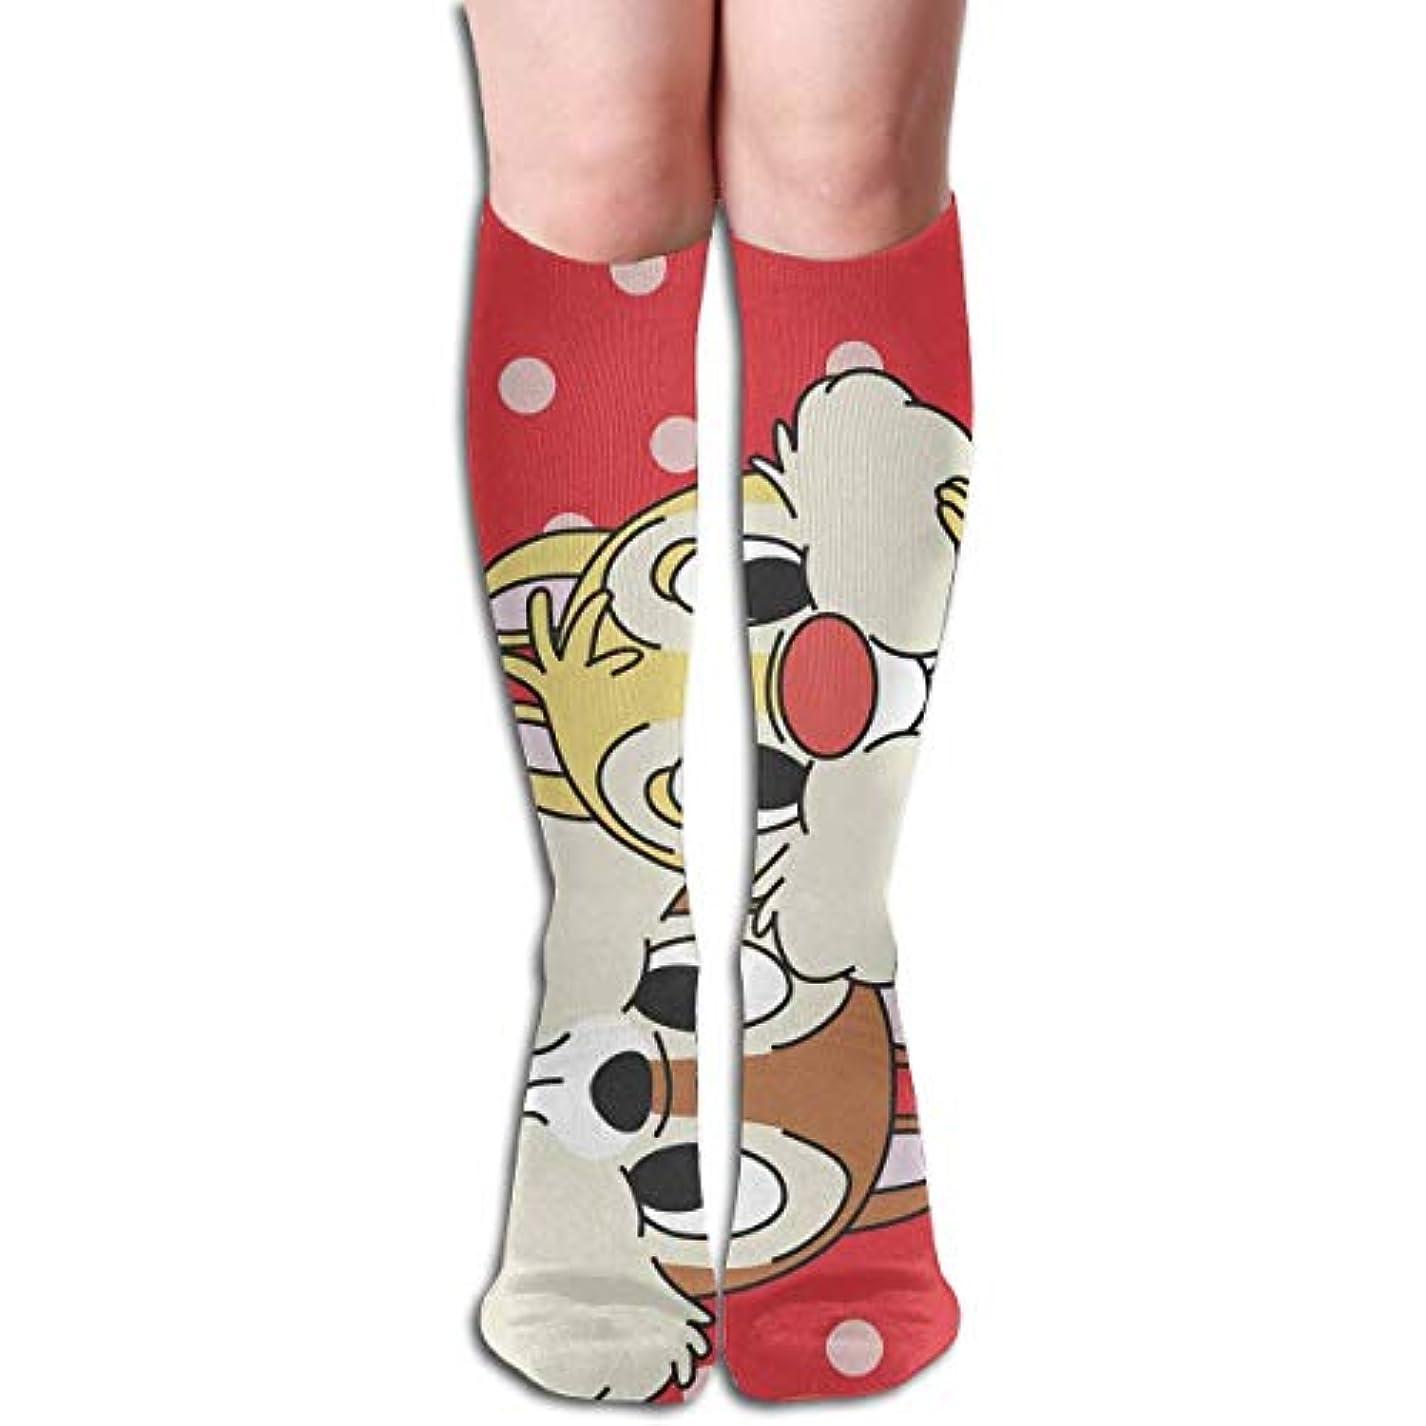 からかうアーチ処理するレディーススカルかわいい動物チューブストッキングレディース冬暖かい膝ハイソックスブーツ靴下